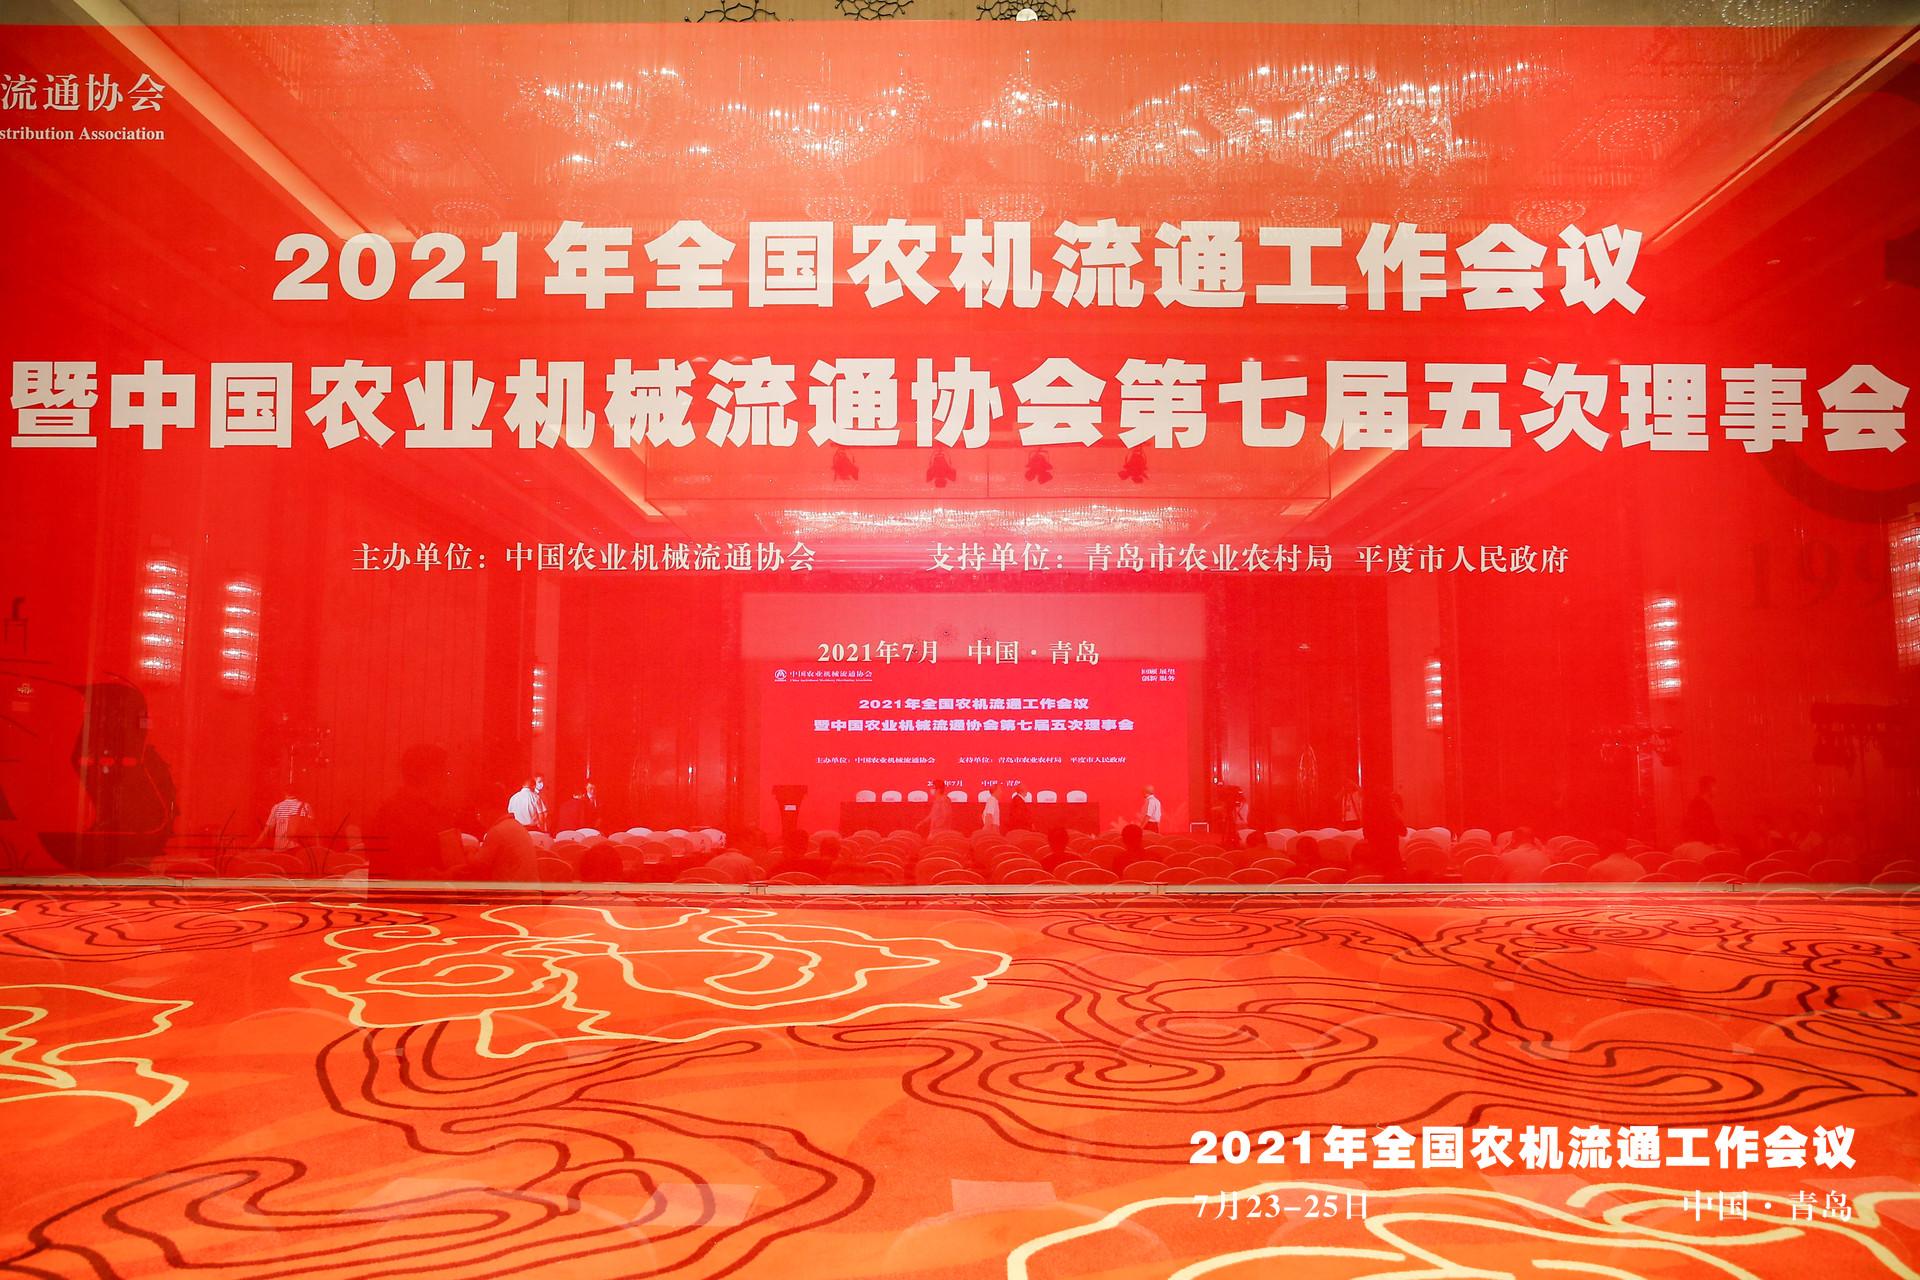 回顾展望 创新服务|2021年全国农机流通工作会议在青岛成功召开